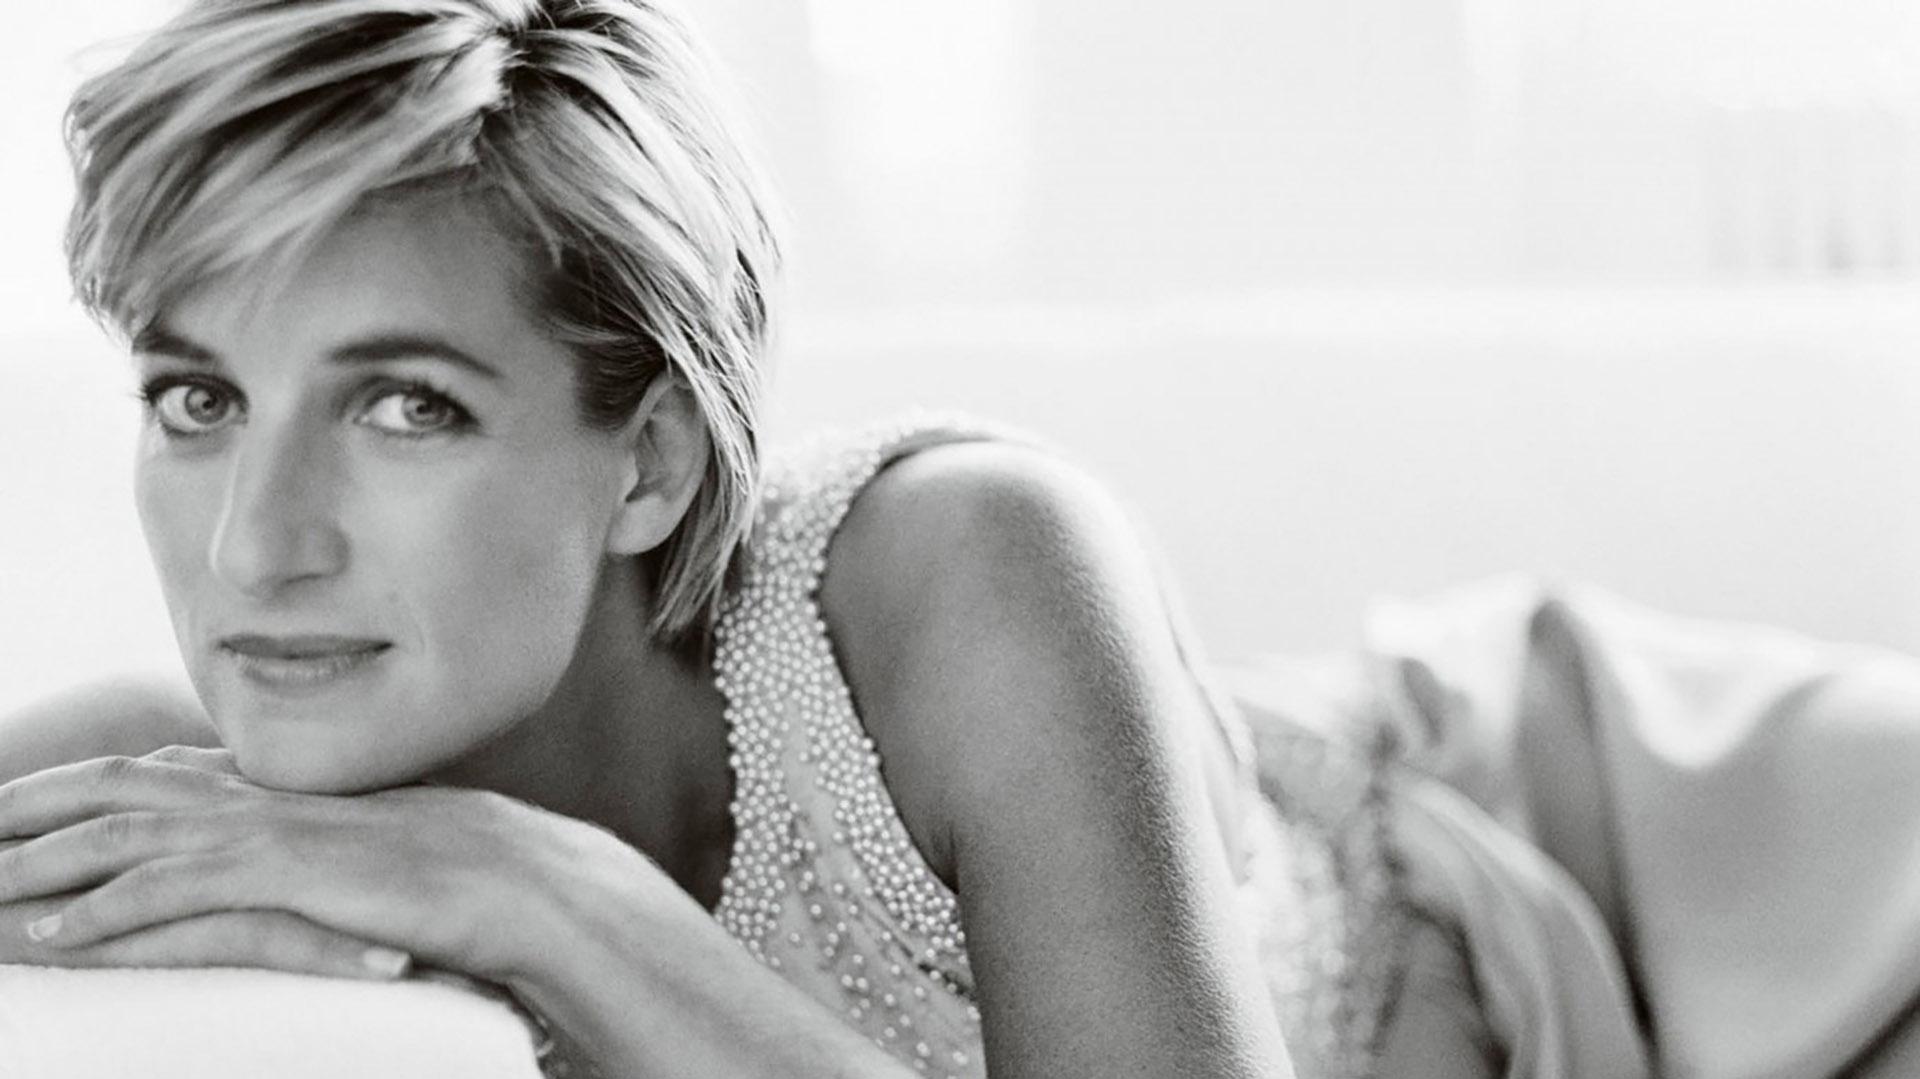 El fotógrafo Mario Testino fue el último que retrató a Diana para una publicación de alta gama. Buscó conseguir imágenes en las que se reflejara la Princesa al natural